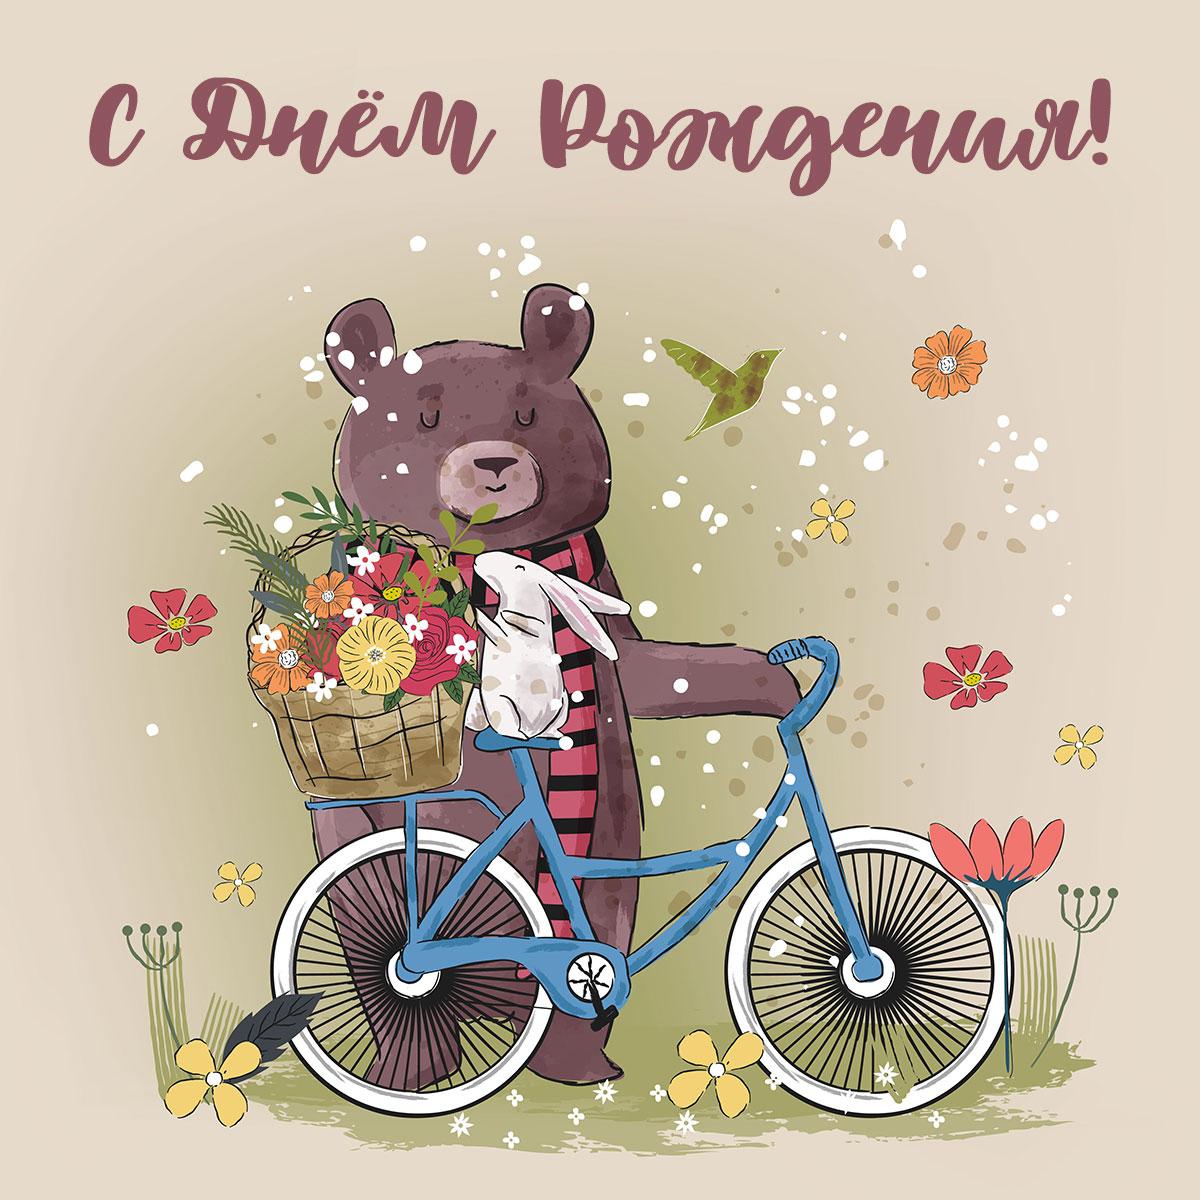 Медведь с велосипедом поздравляет с днем рождения.